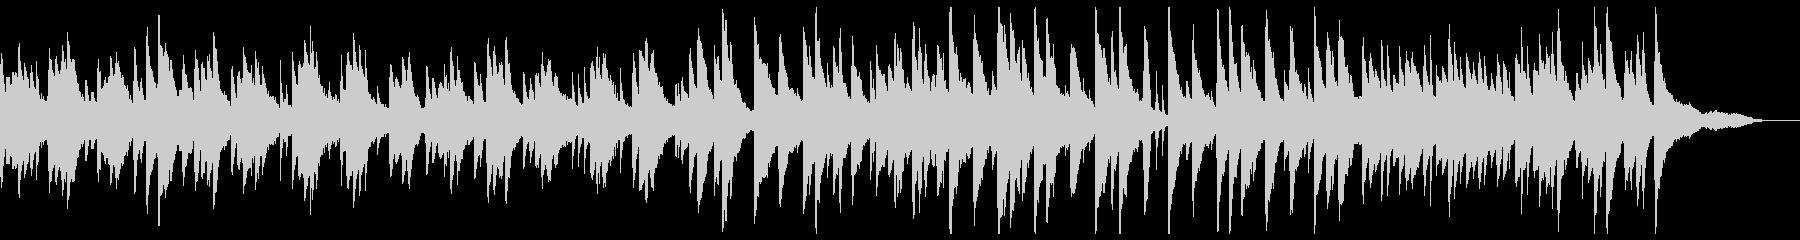 優しいピアノのポップスの未再生の波形